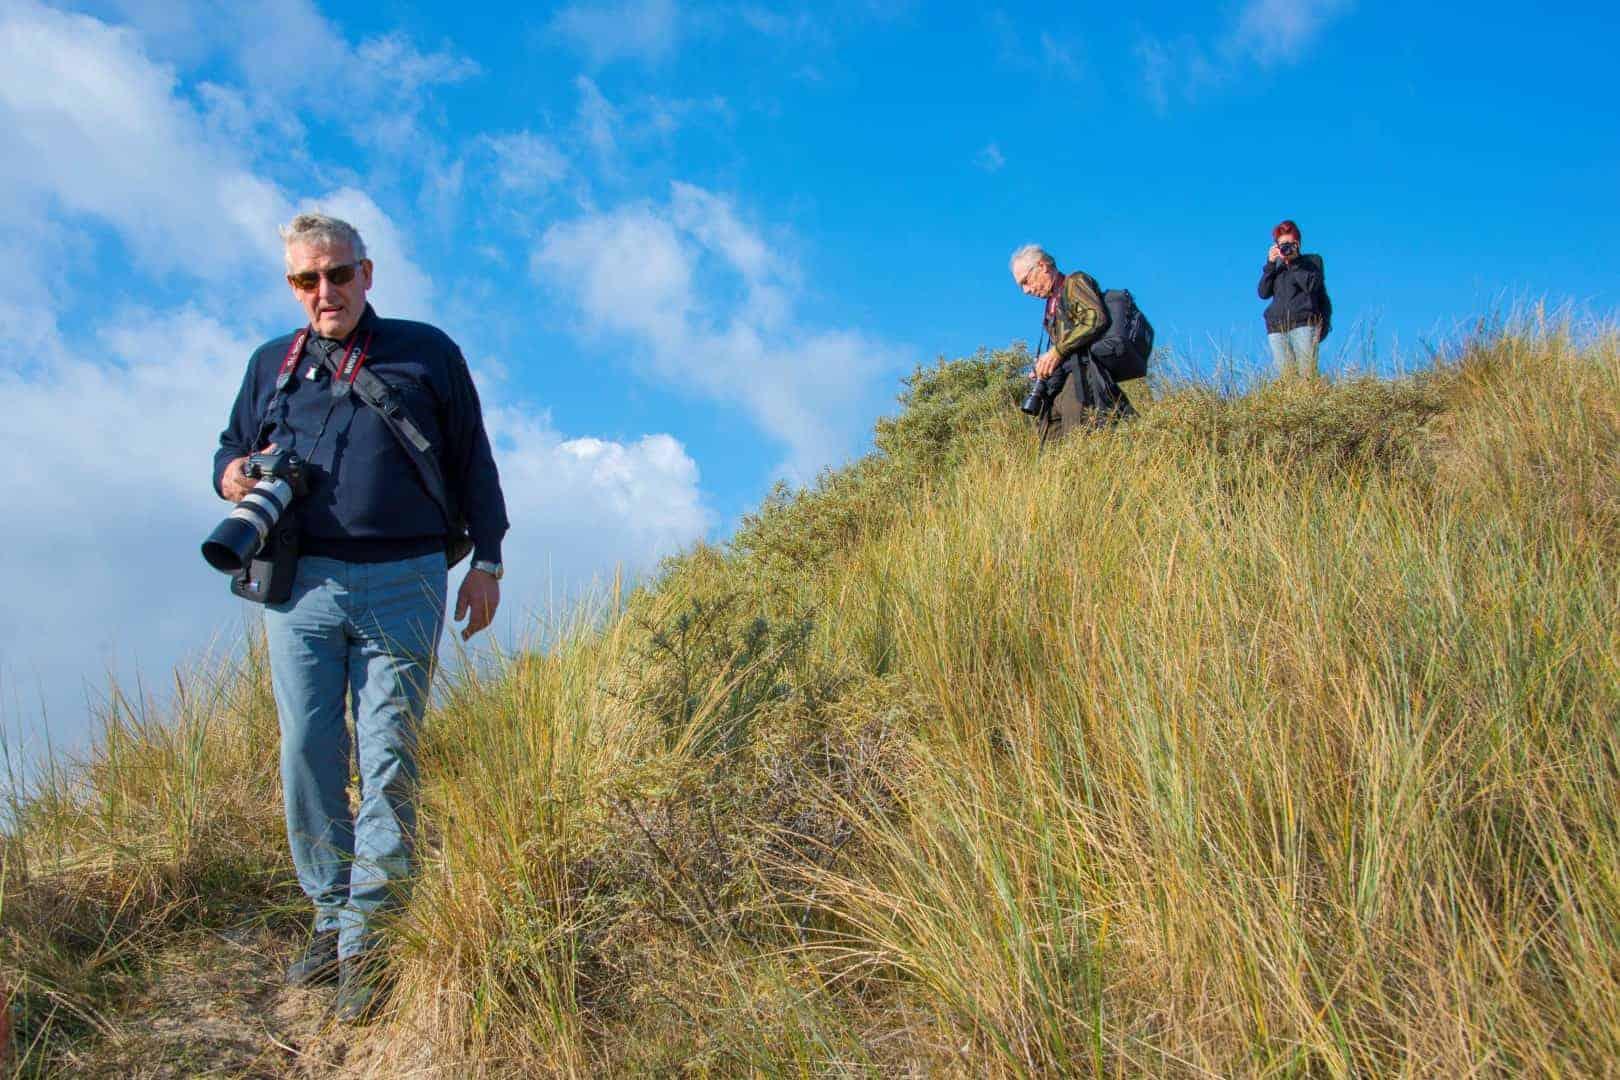 fotoweekend Ameland met camera in de duinen bij Fotografie-reizen - Fotoreizen